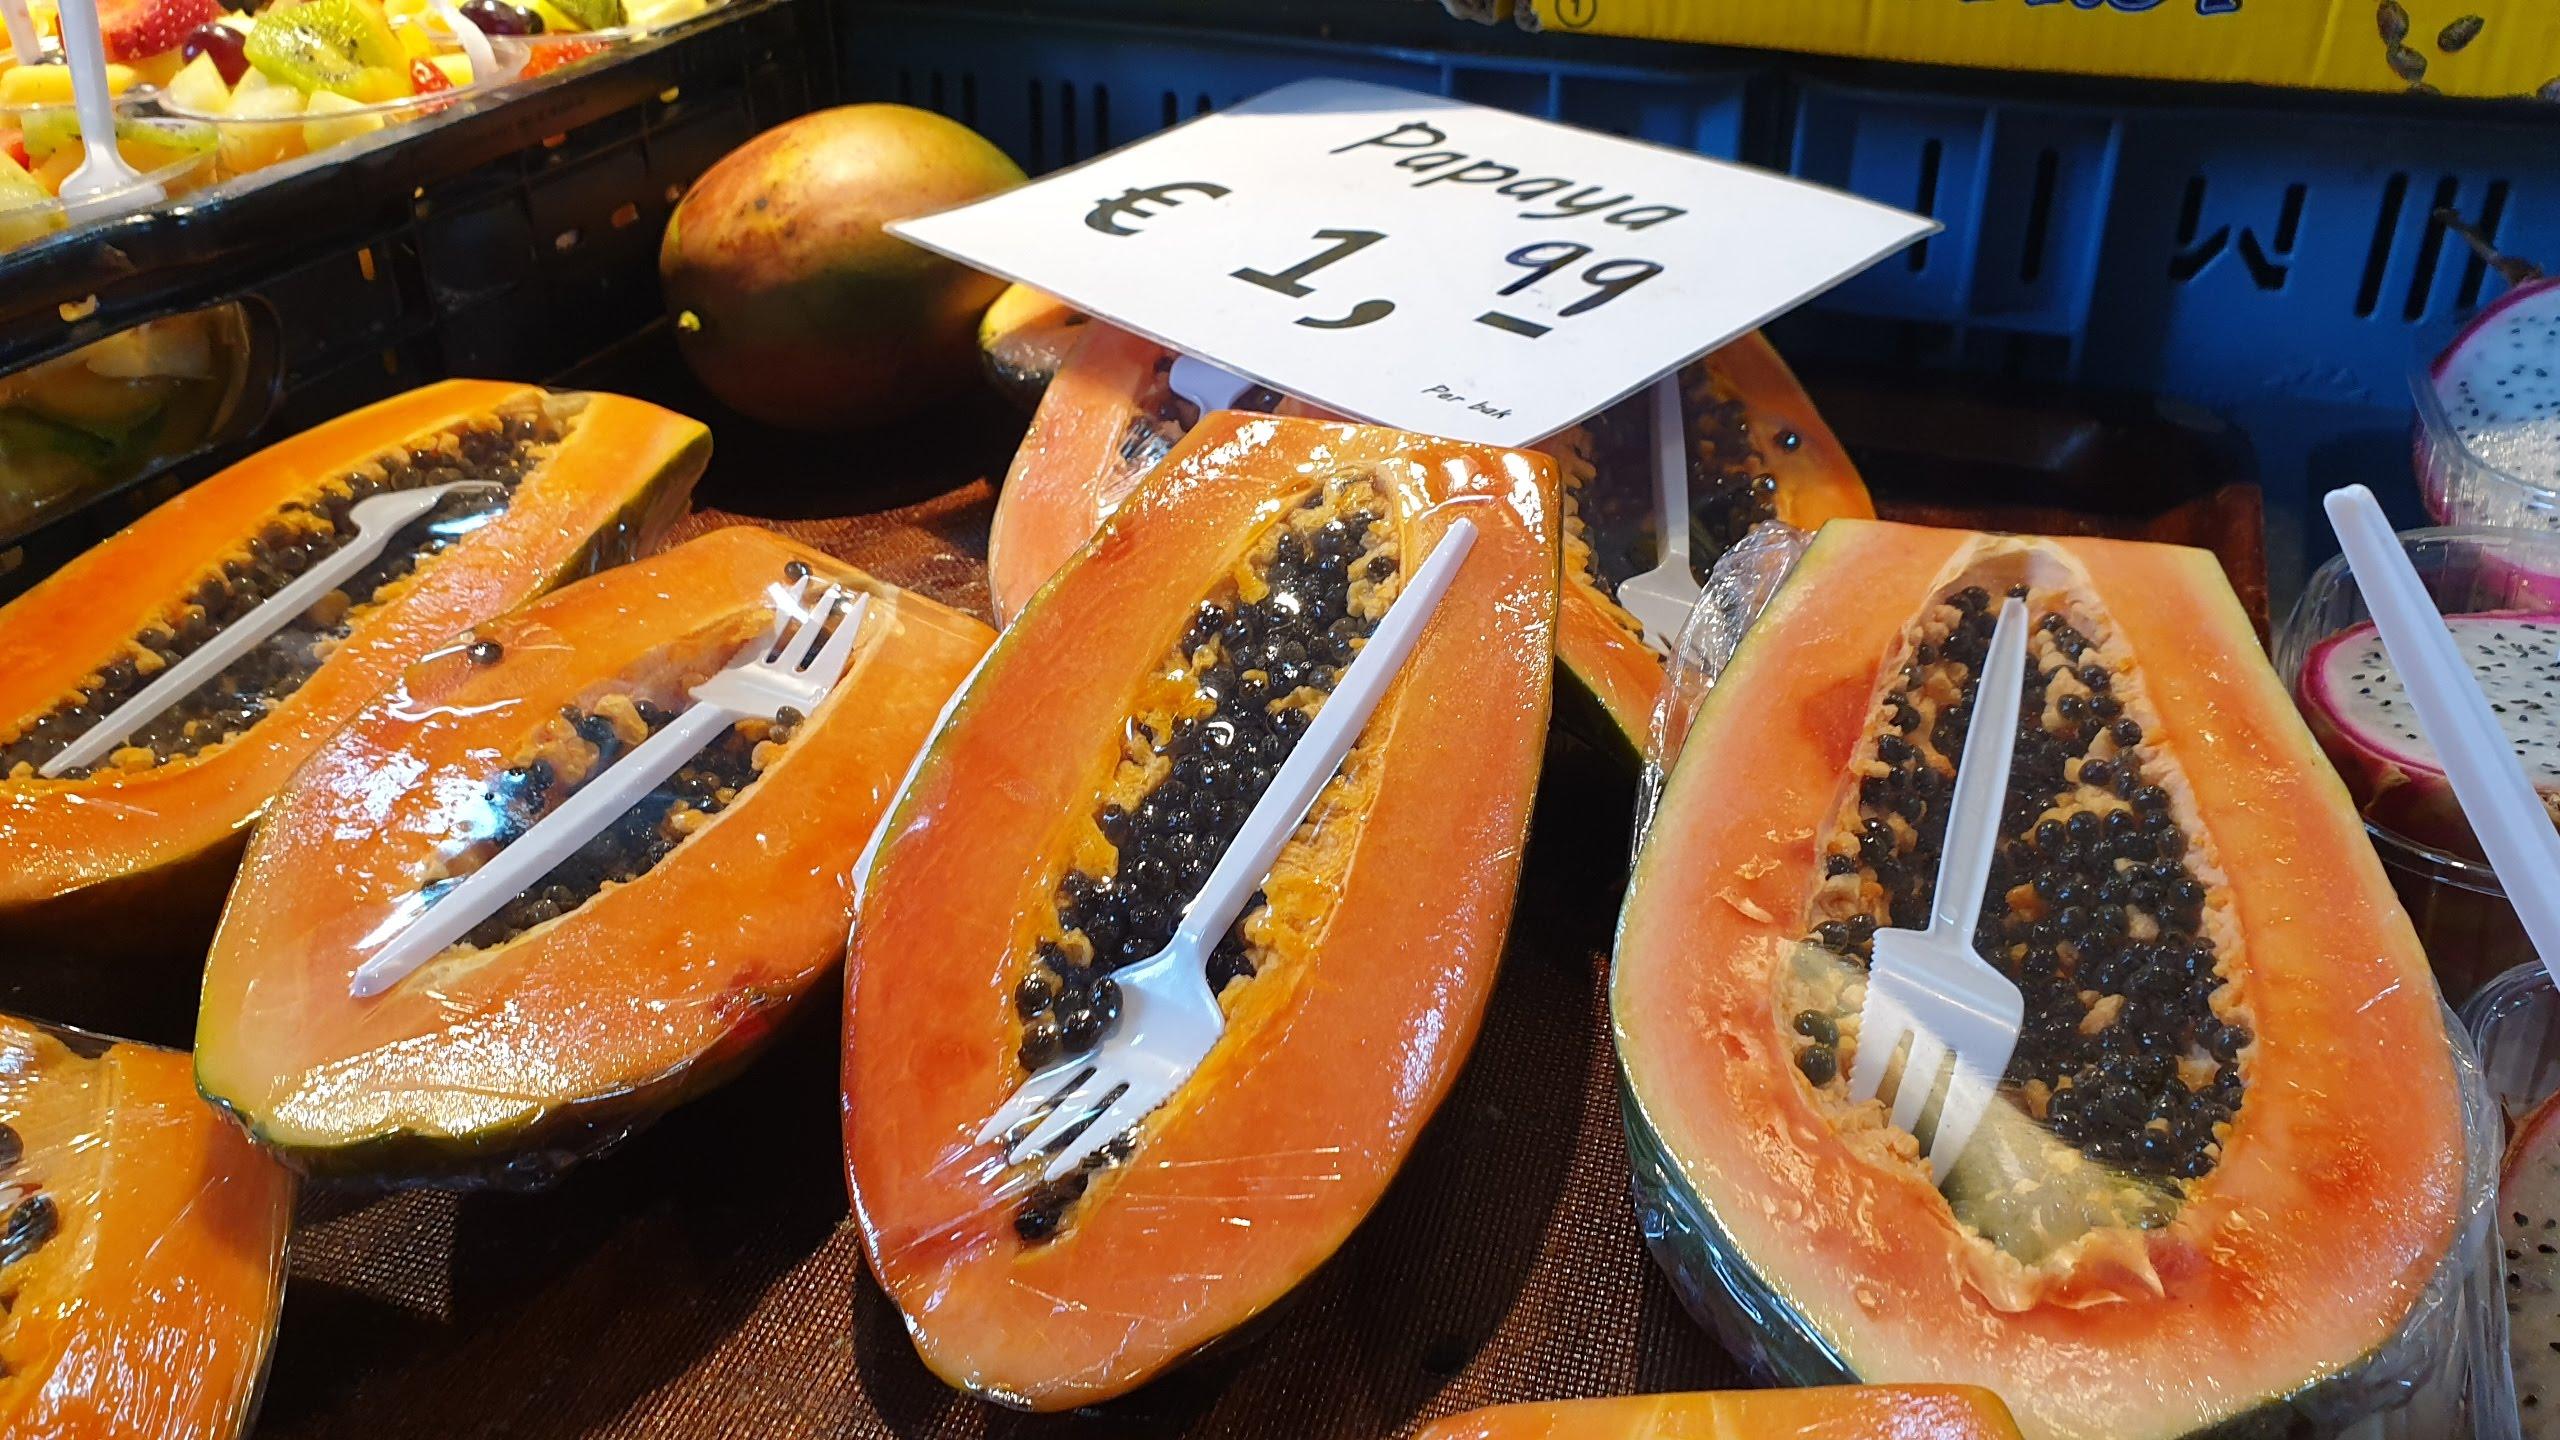 Buah-buahan Eksotis, Buah Tropis, Buah di Belanda, Segar di Belanda, Wisata di Belanda. Supermarket di Belanda. Pemandu Wisata Indonesia di Belanda dan Paris